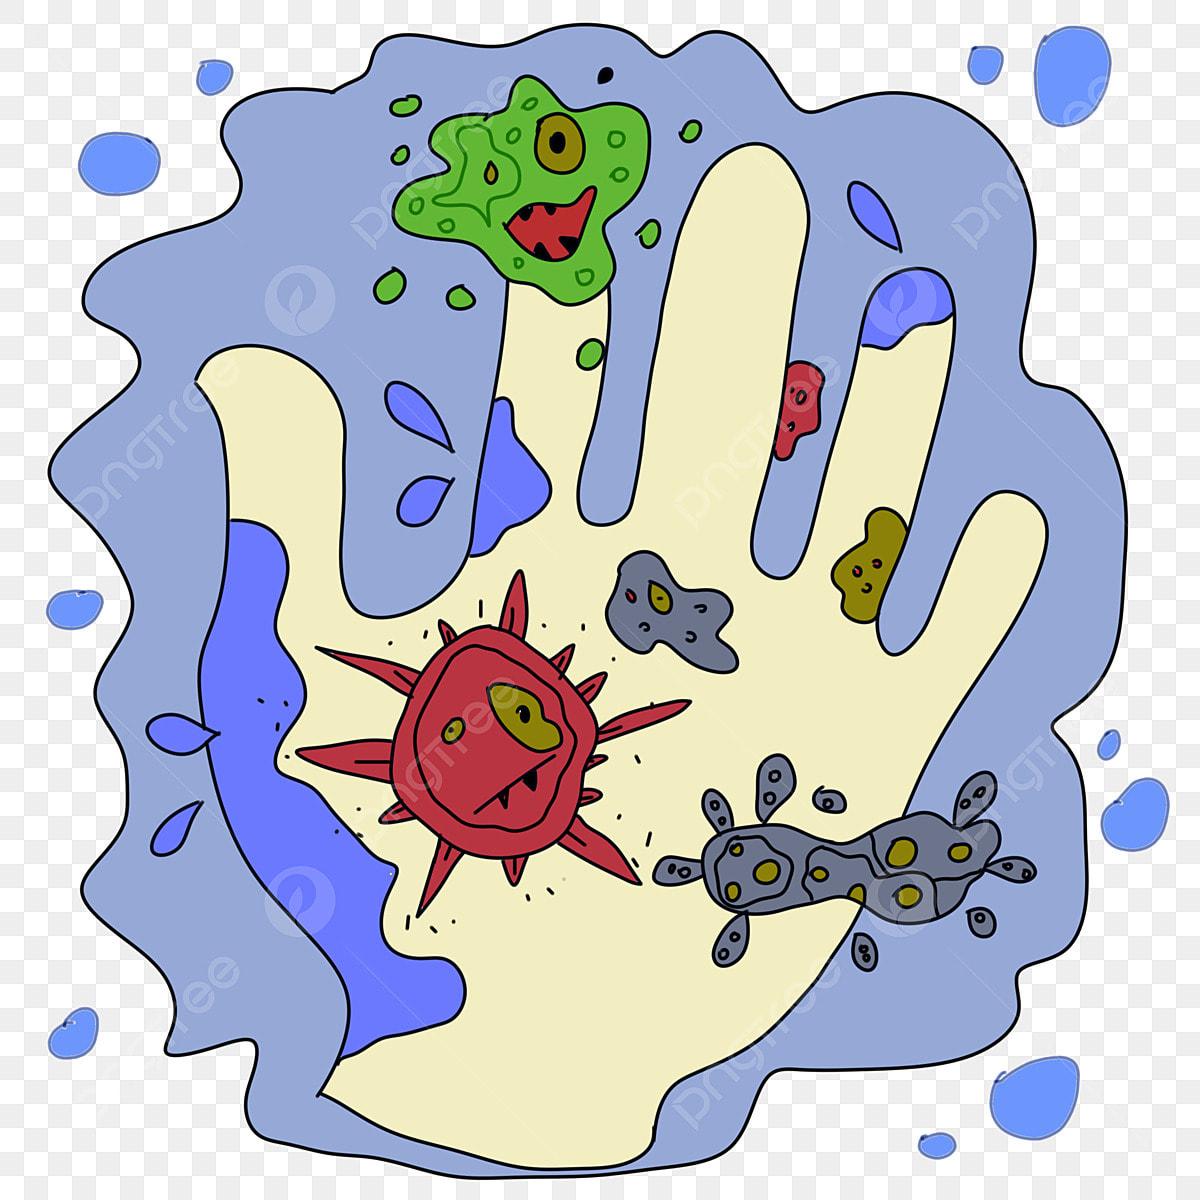 imagenes de manos con bacterias